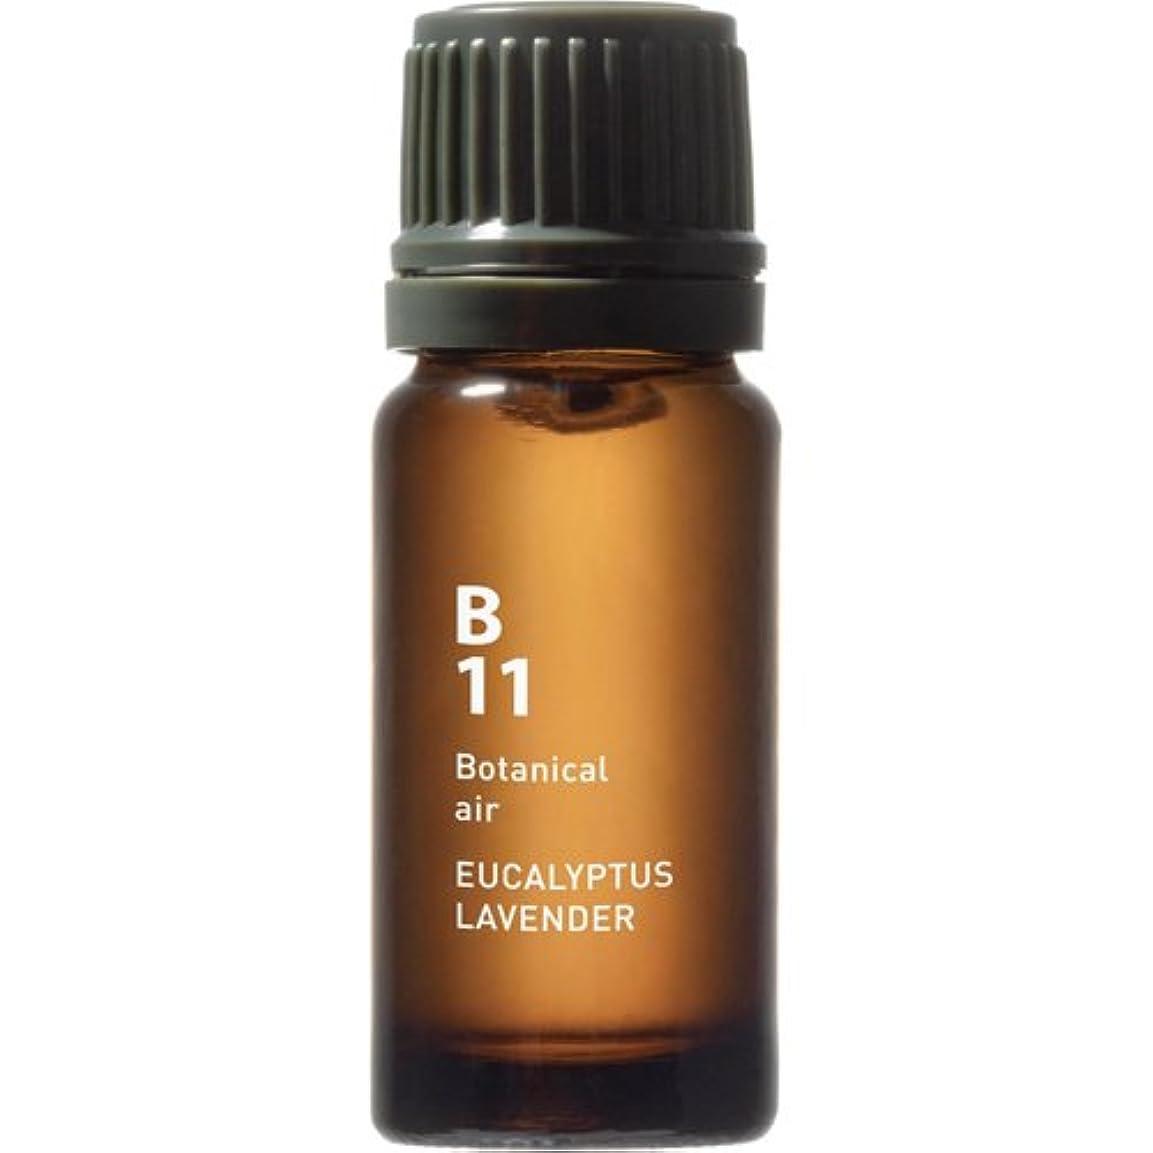 より平らな農村売り手B11 ユーカリラベンダー Botanical air(ボタニカルエアー) 10ml